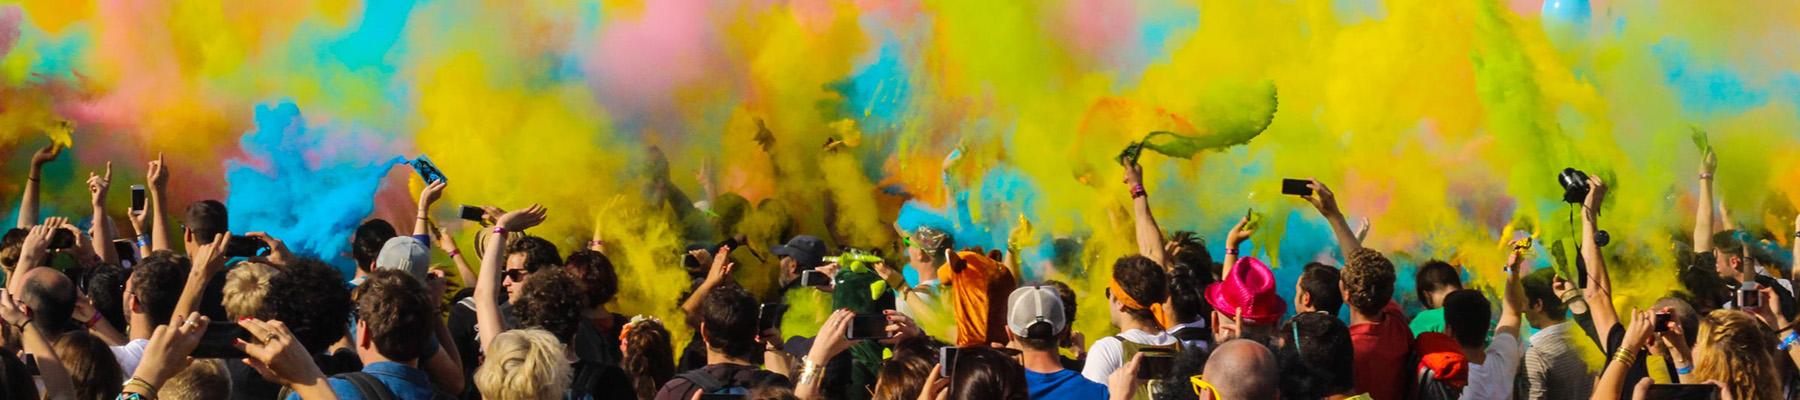 Bachelorarbeit von Lukas Fischer: Ein Festival-Plugin für WordPress